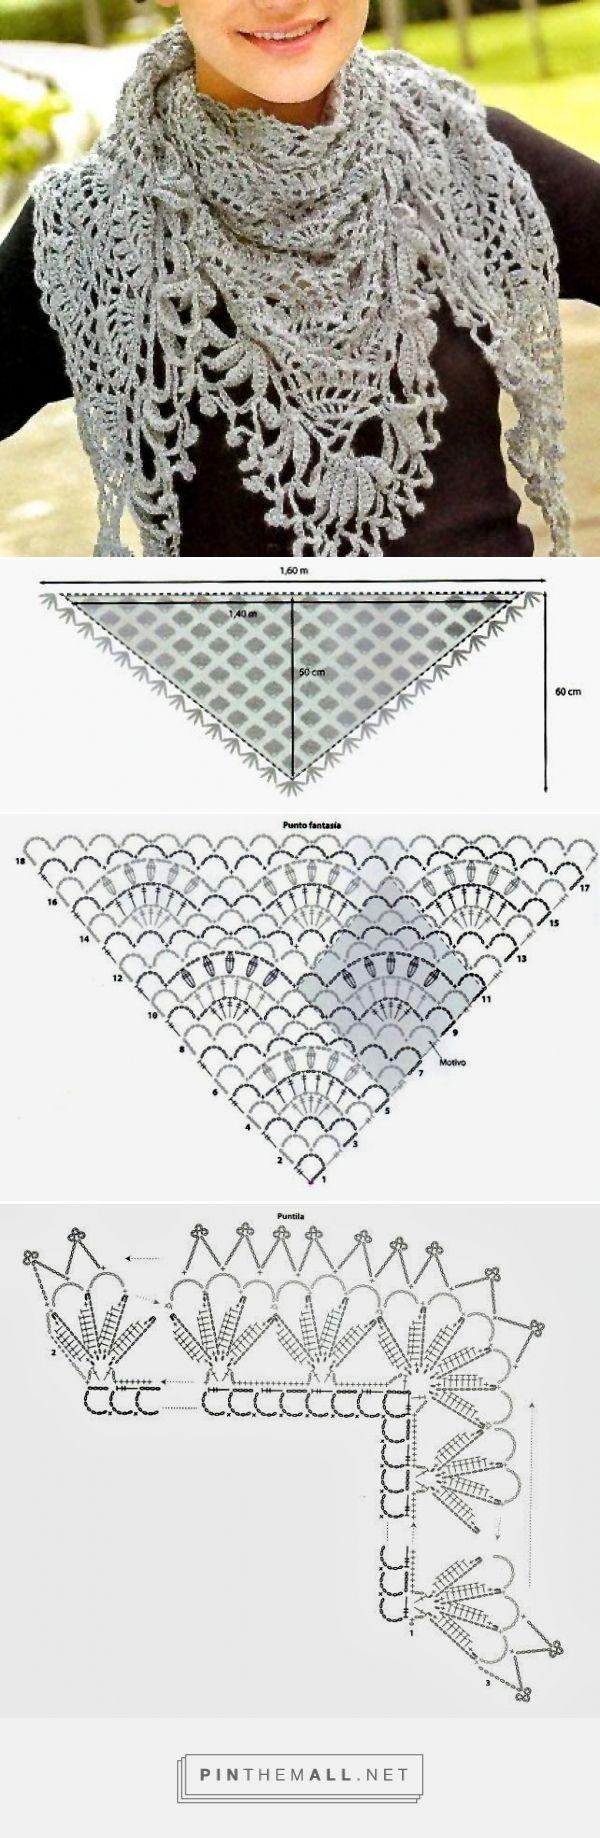 tejidos artesanales en crochet: chal triangular tejido en crochet ...